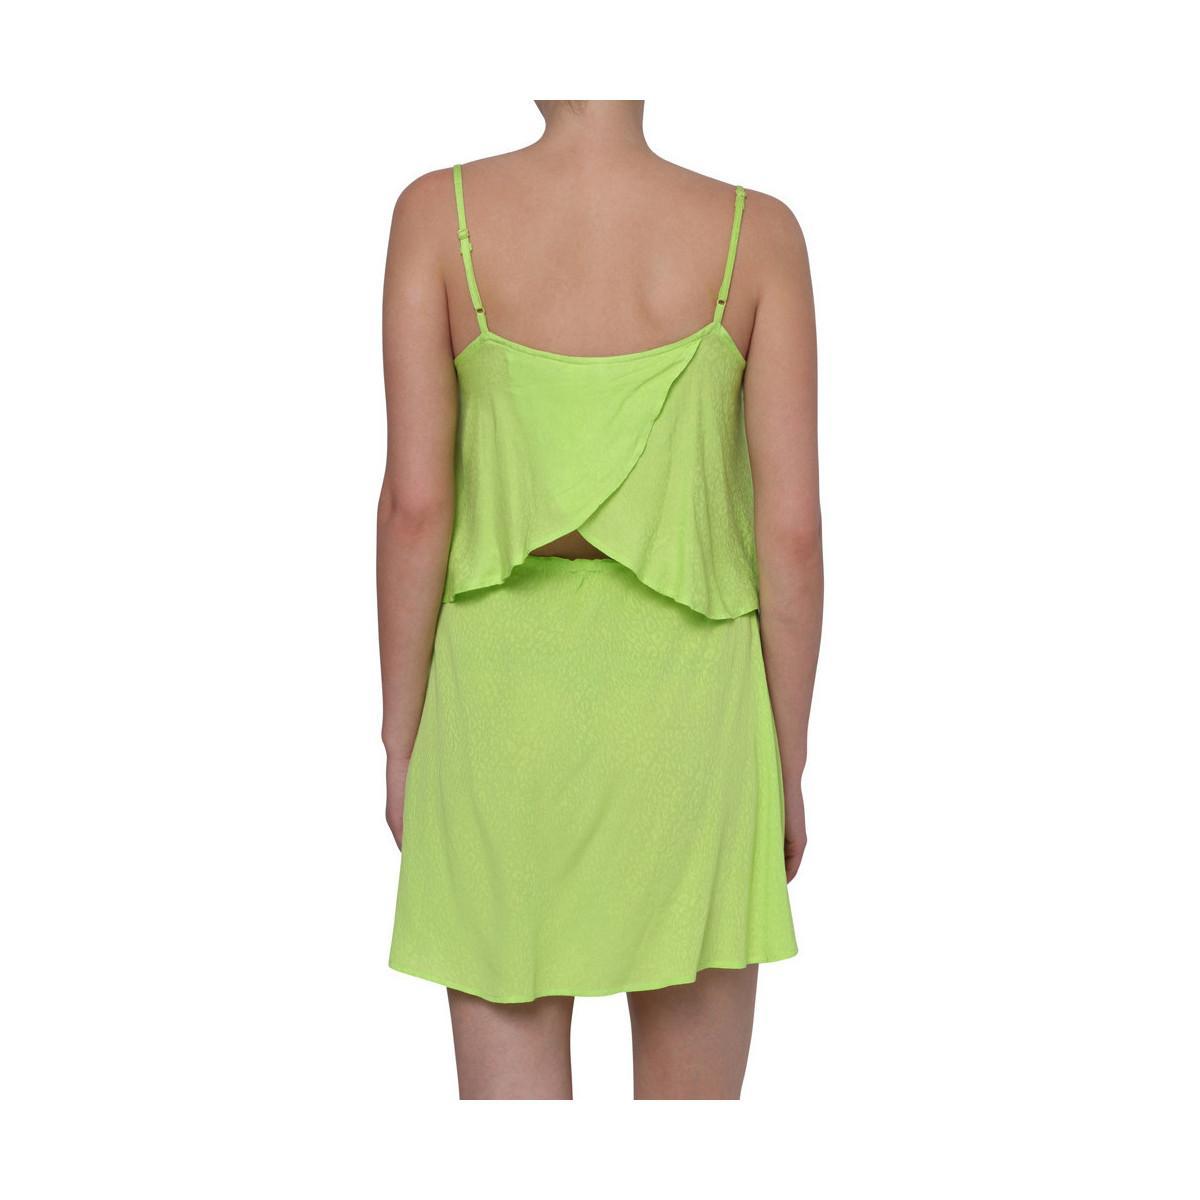 Solid Loepard Dress Robe O'neill Sportswear en coloris Vert